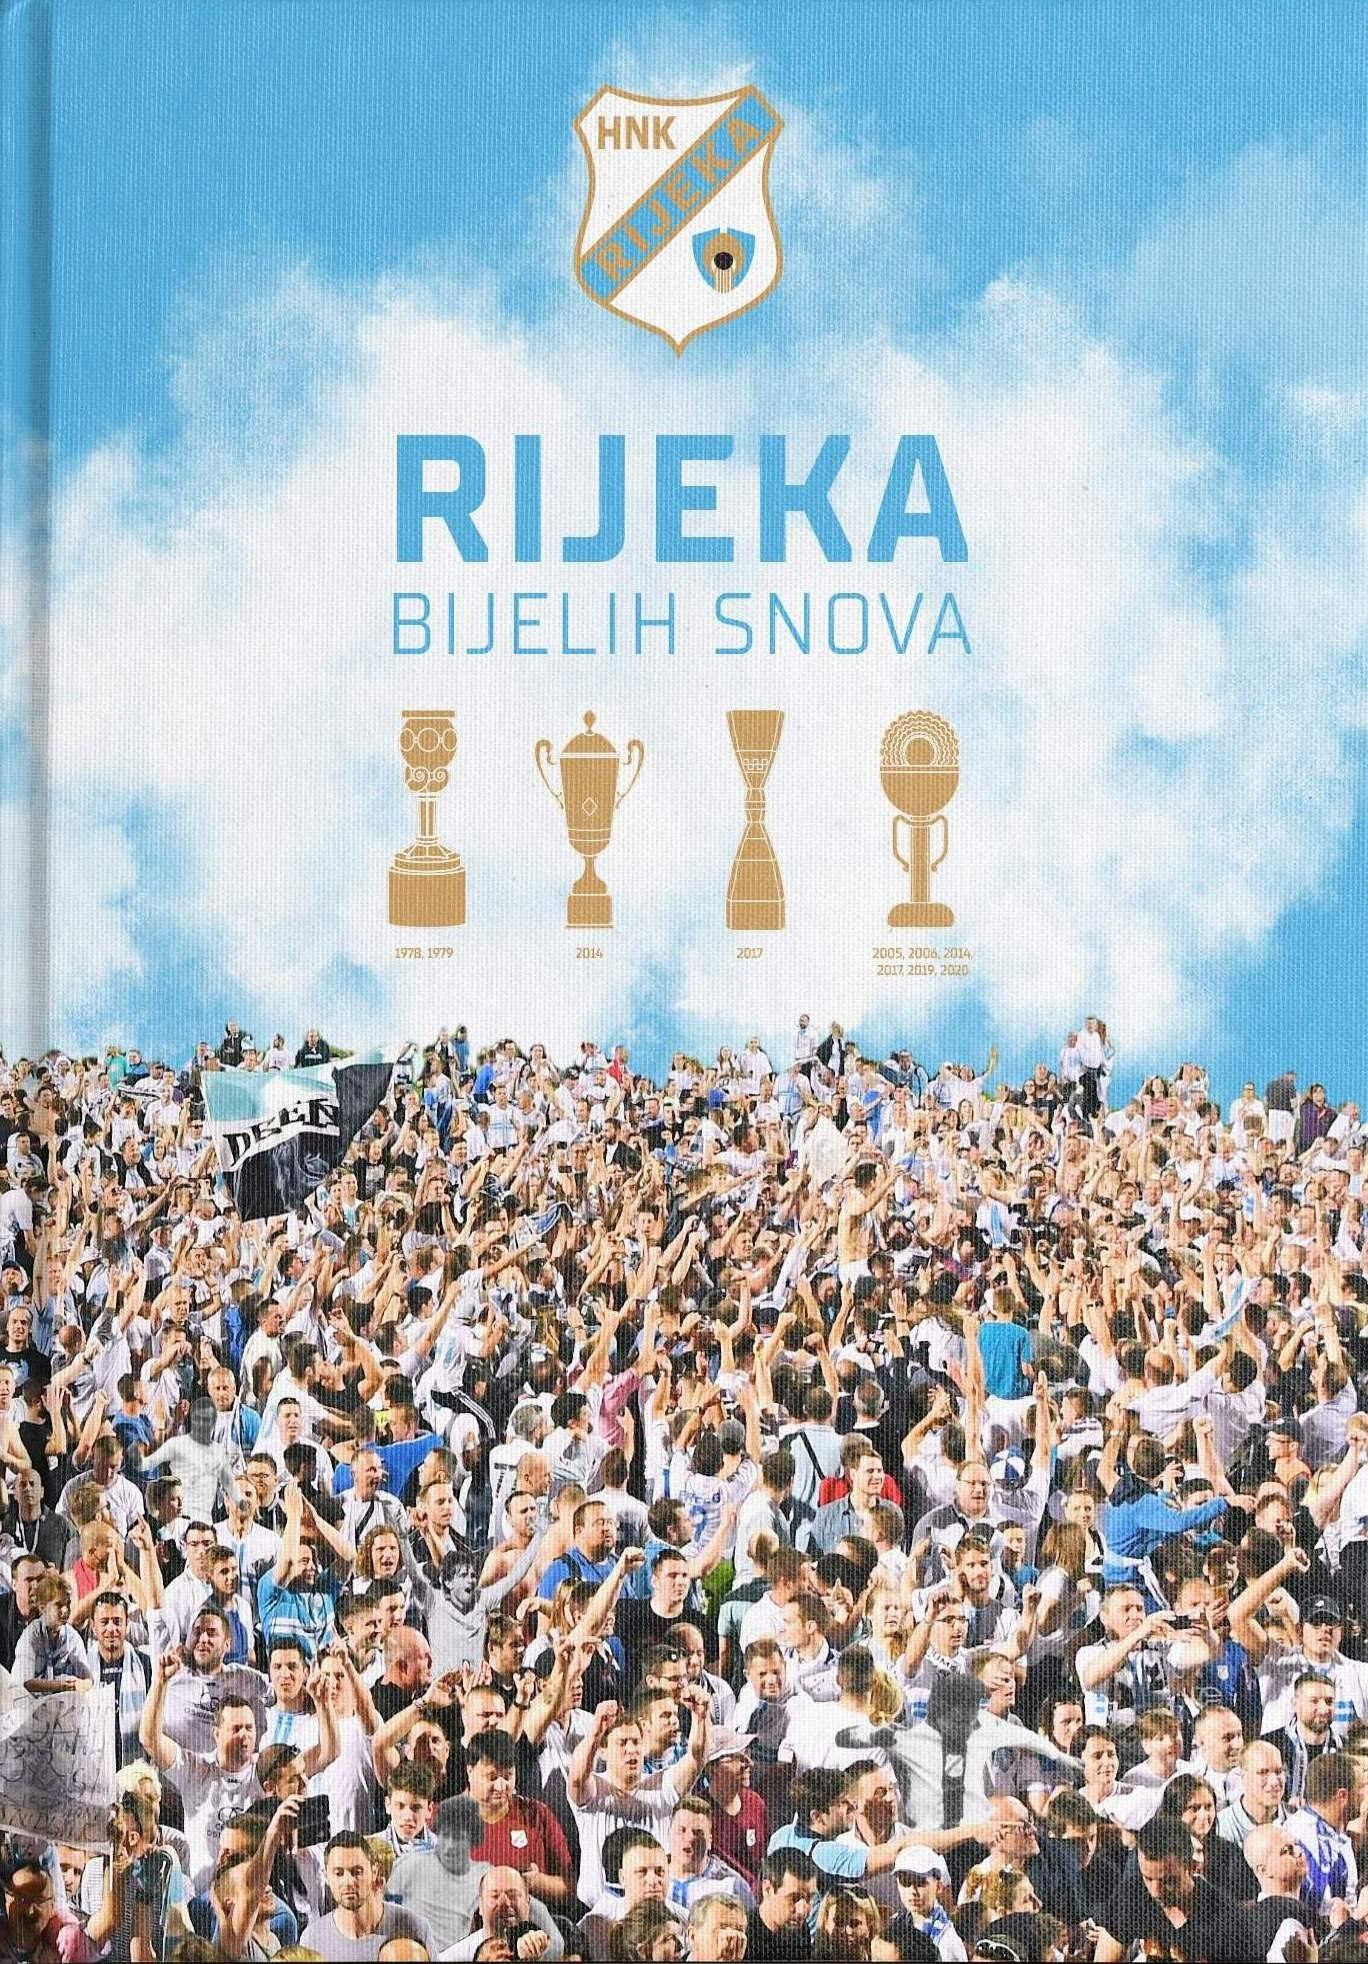 Grupa autora: RIJEKA BIJELIH SNOVA - Monografija o HNK Rijeka